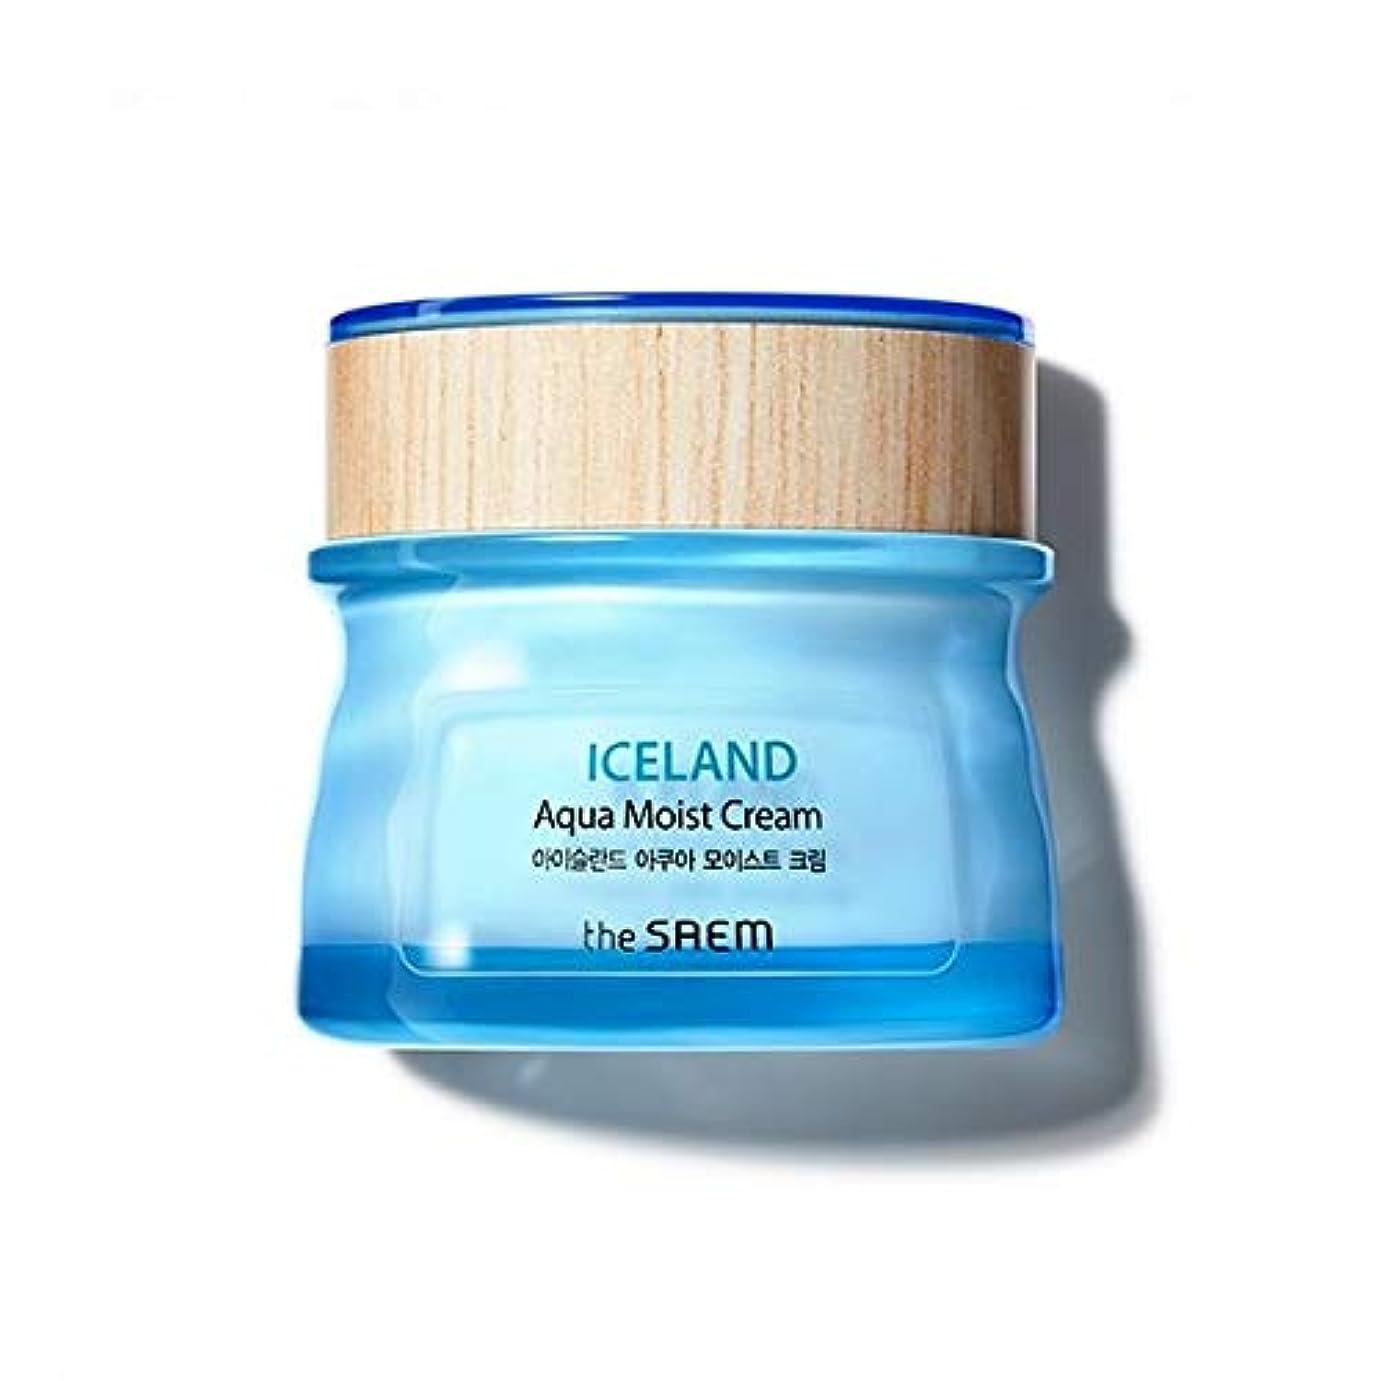 歌詞受賞歌詞The saem Iceland Apua Moist Cream ザセム アイスランド アクア モイスト クリーム 60ml [並行輸入品]